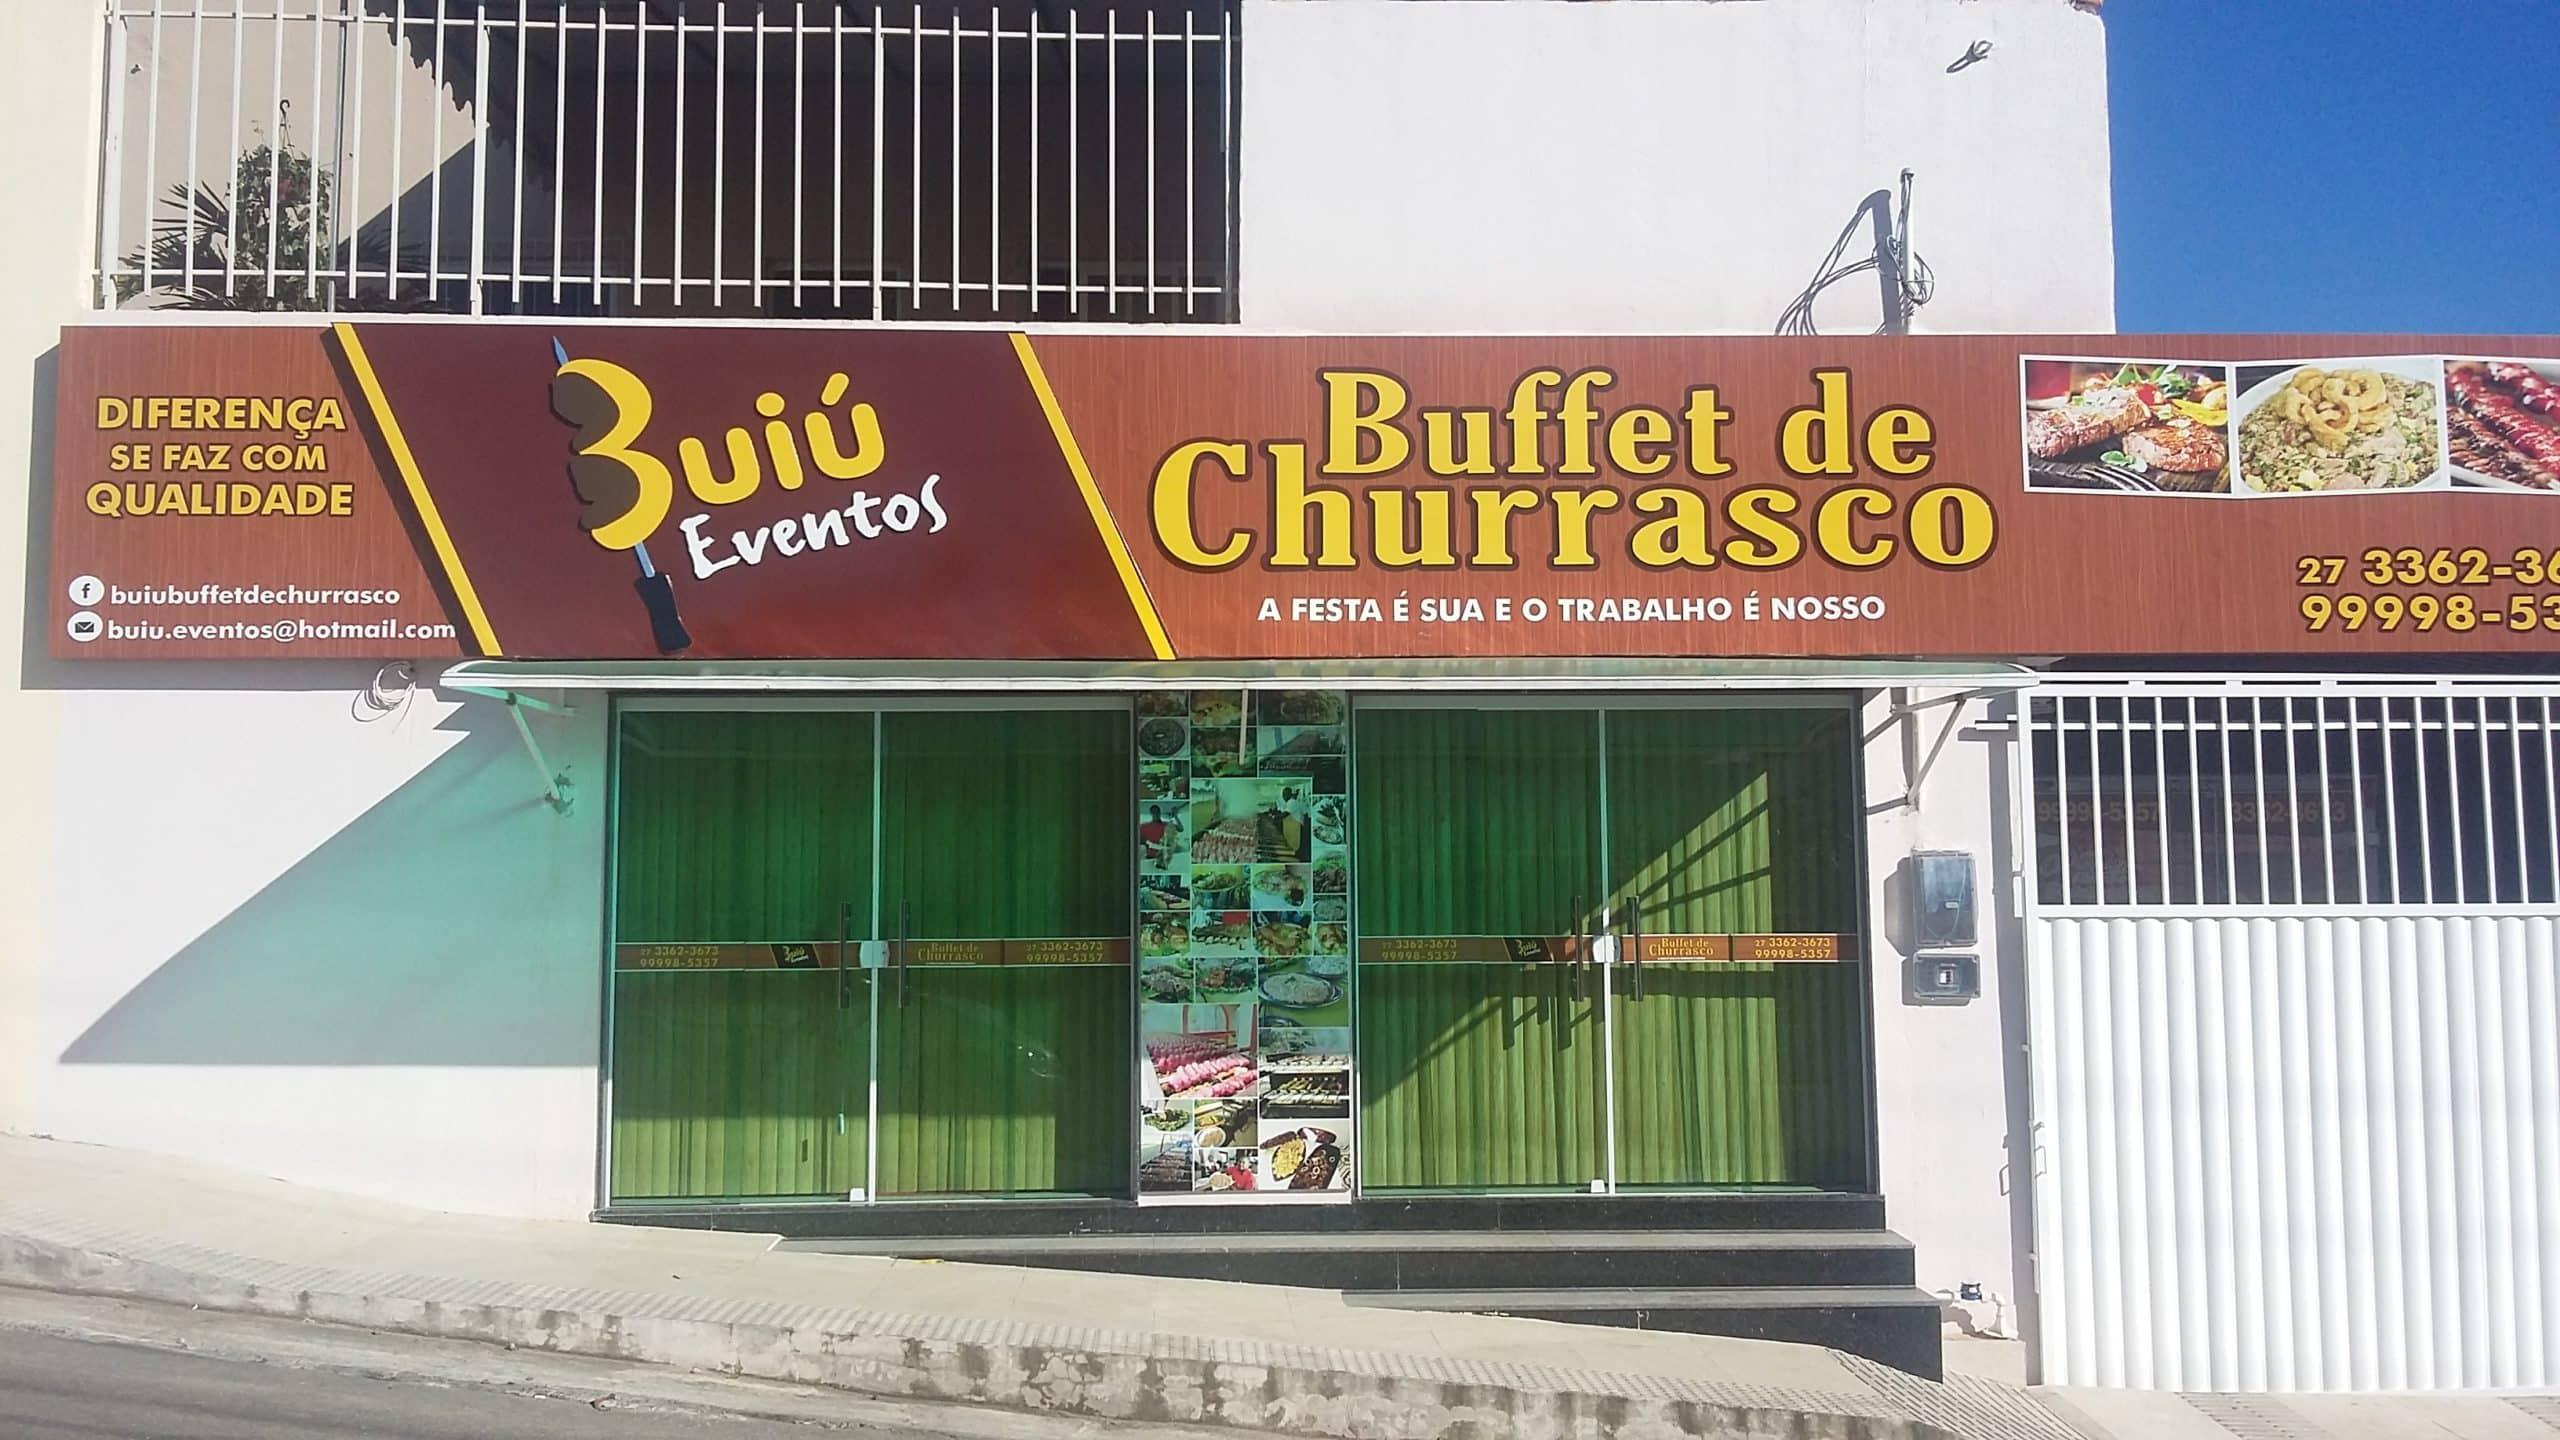 Buiu conseguiu conquistar a cliente e hoje tem uma estrutura que atende a todos. Foto: Jamille Scopel.